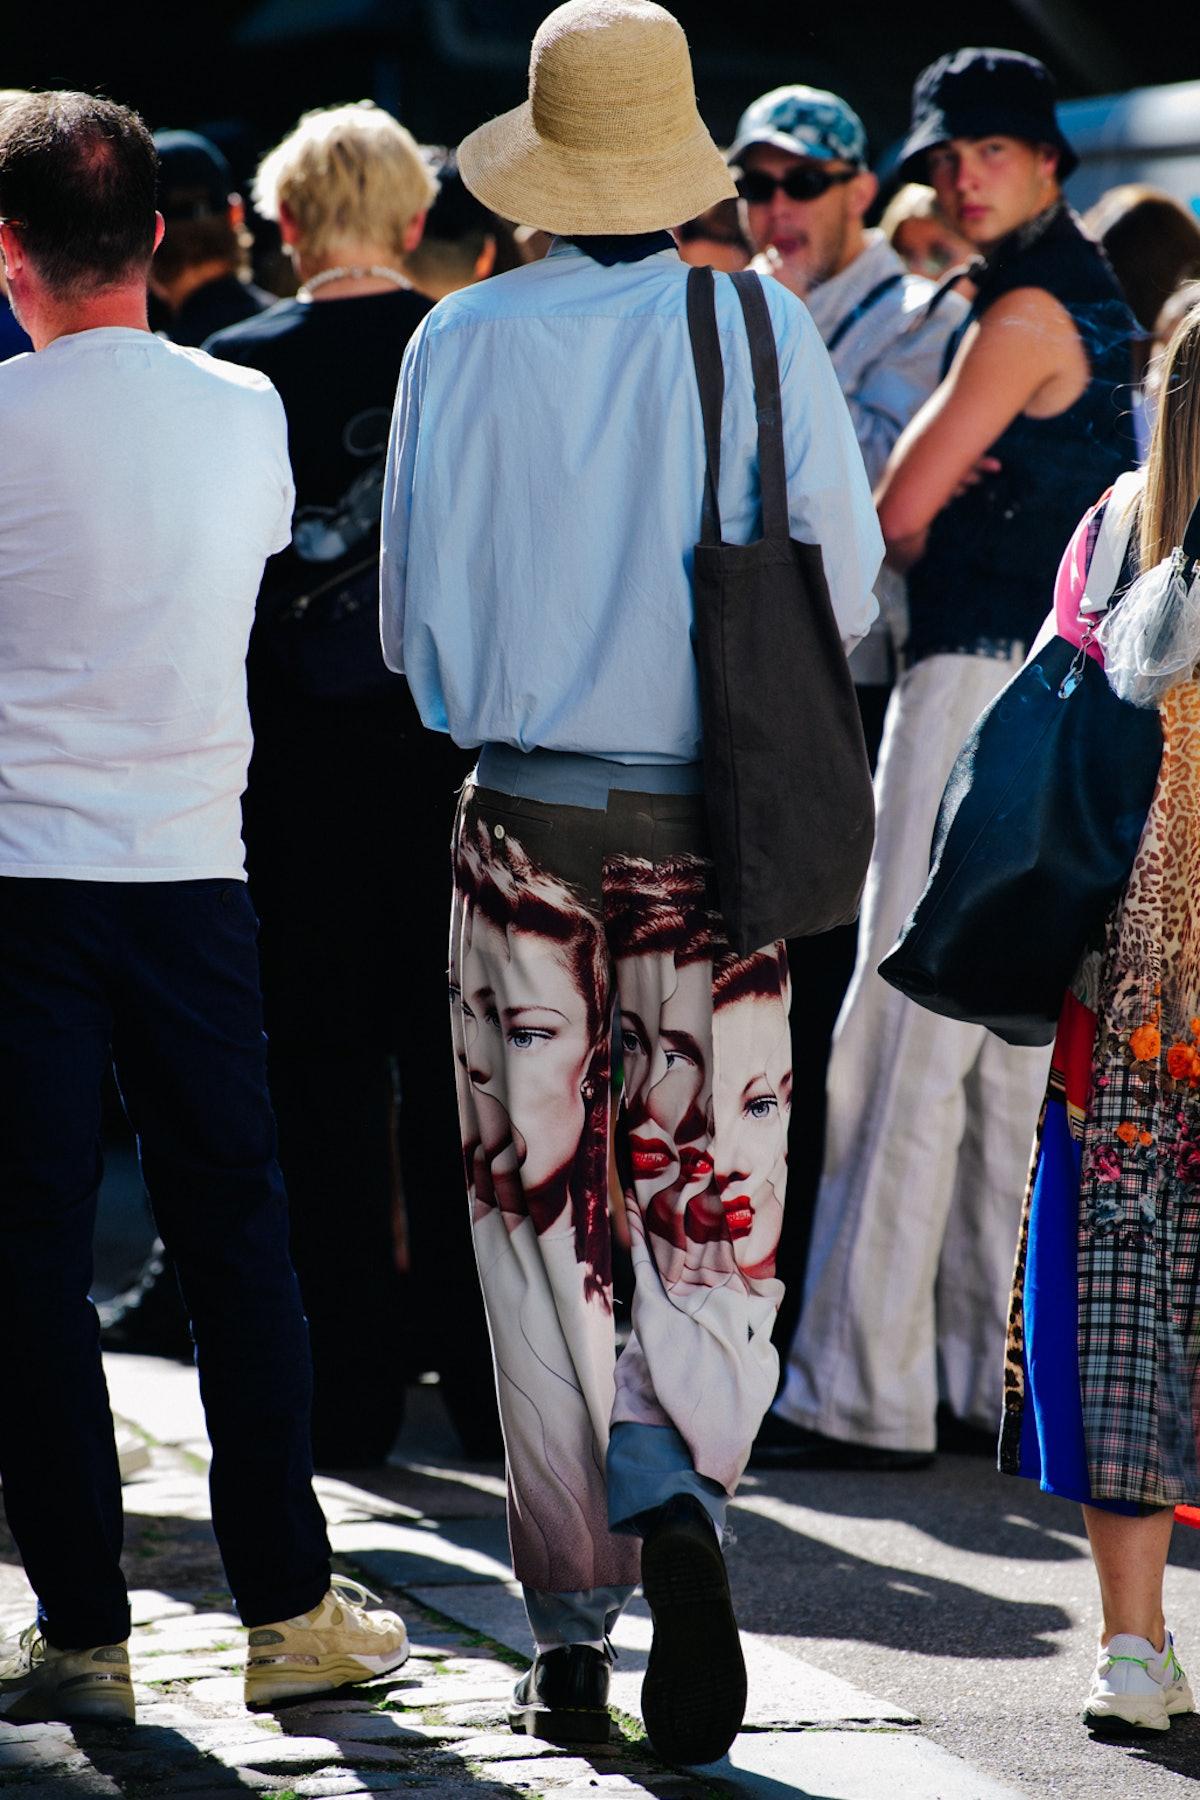 Adam-Katz-Sinding-W-Magazine-Copenhagen-Fashion-Week-Spring-Summer-2020_AKS2910.jpg